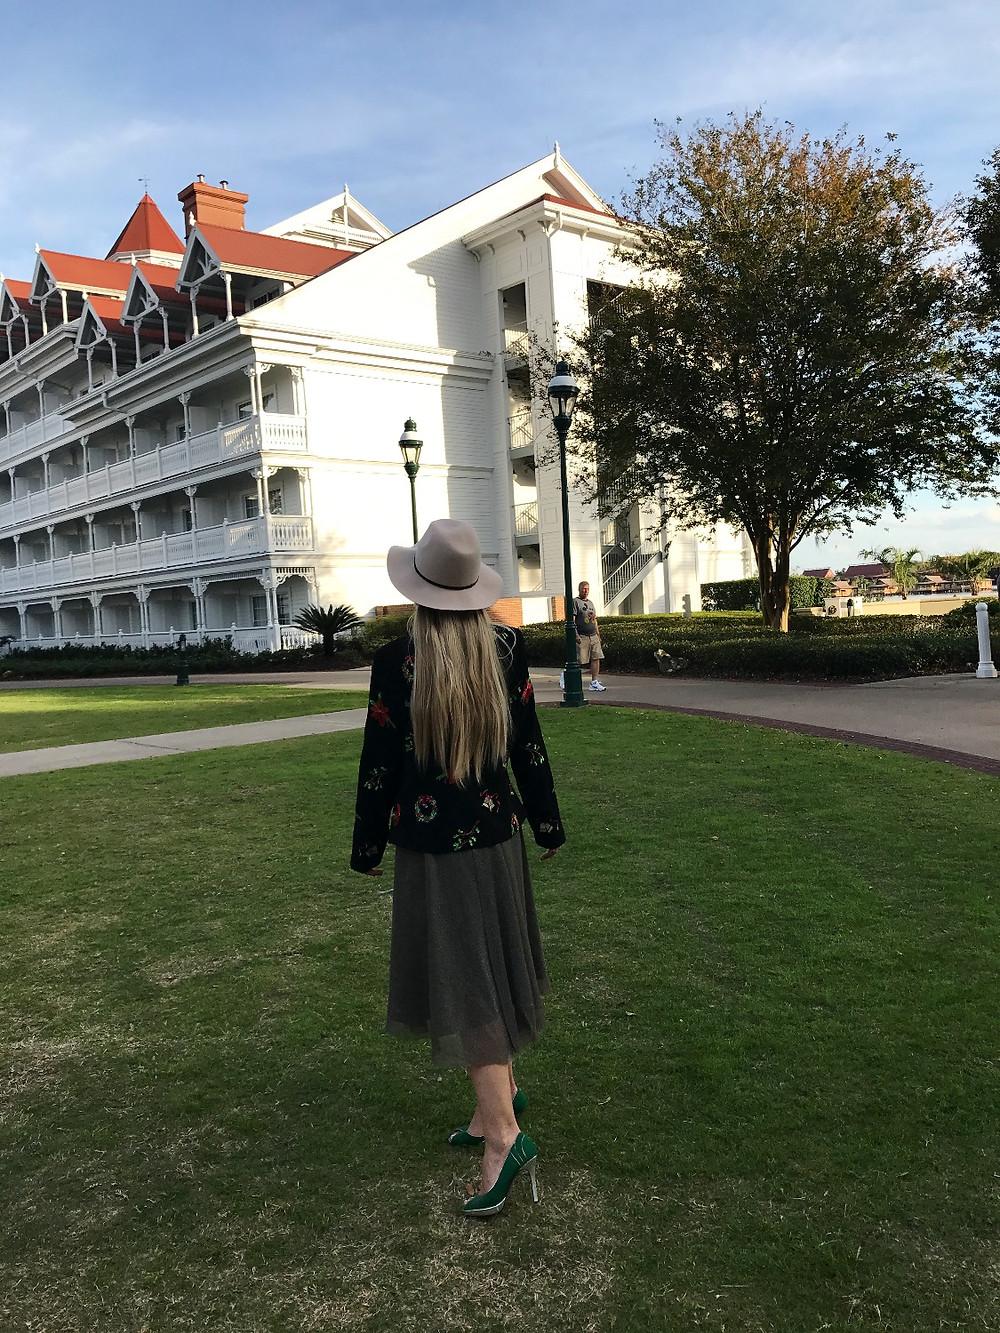 Katrina Belle - Katrina Belle Beauty - Orlando fashion blogger - Disney blogger - Grand Floridian Hotel